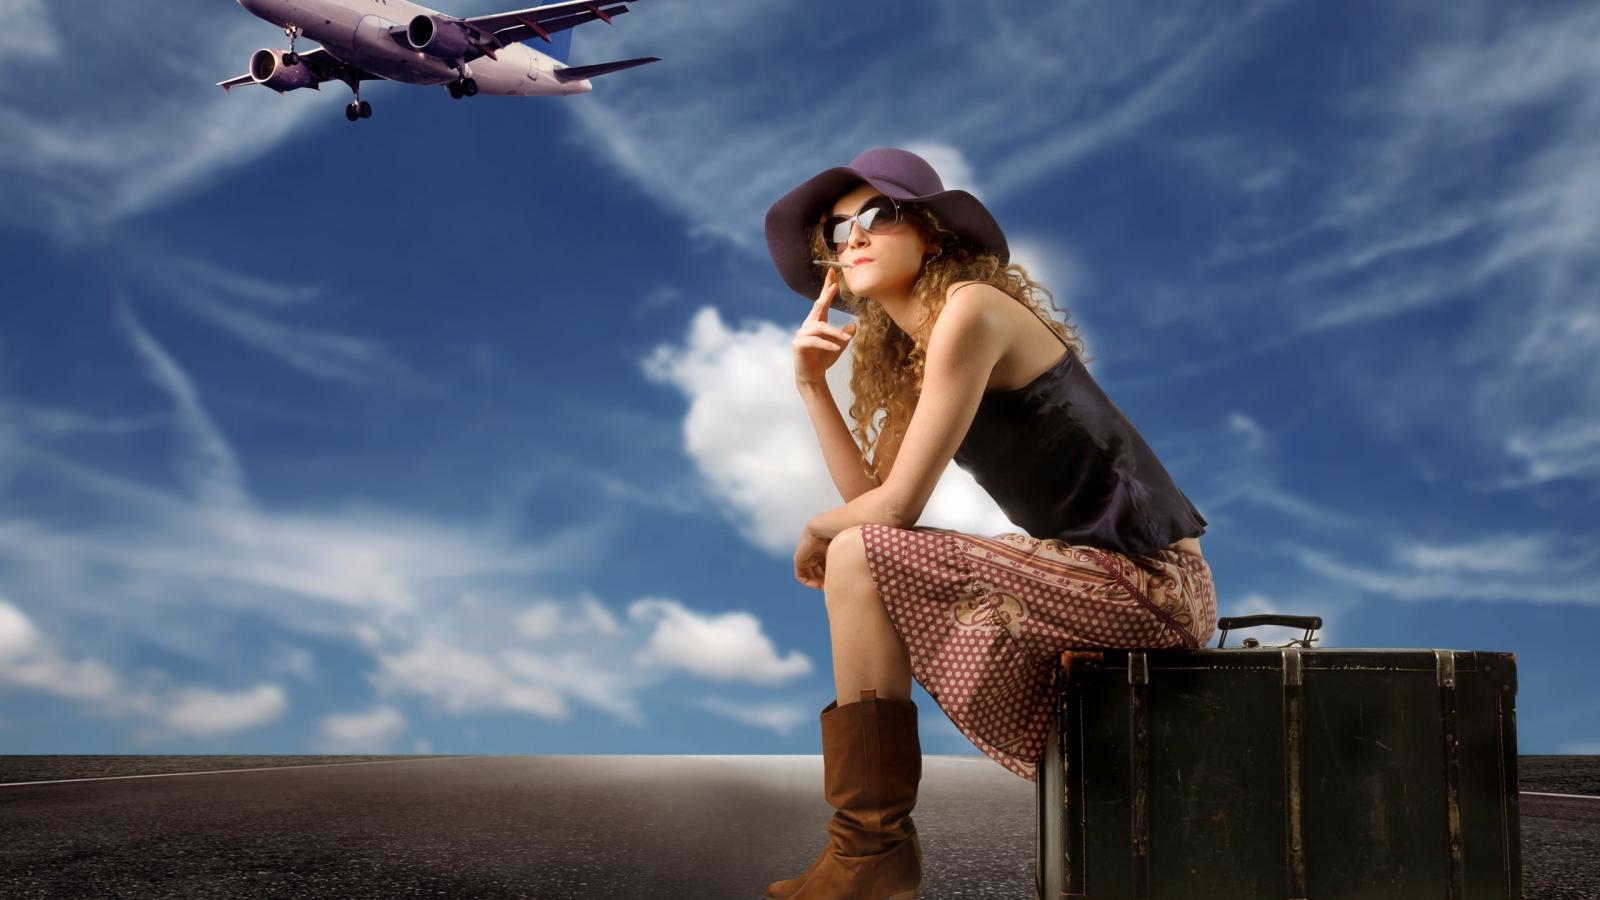 Una chica viajera y sus maletas - 1600x900